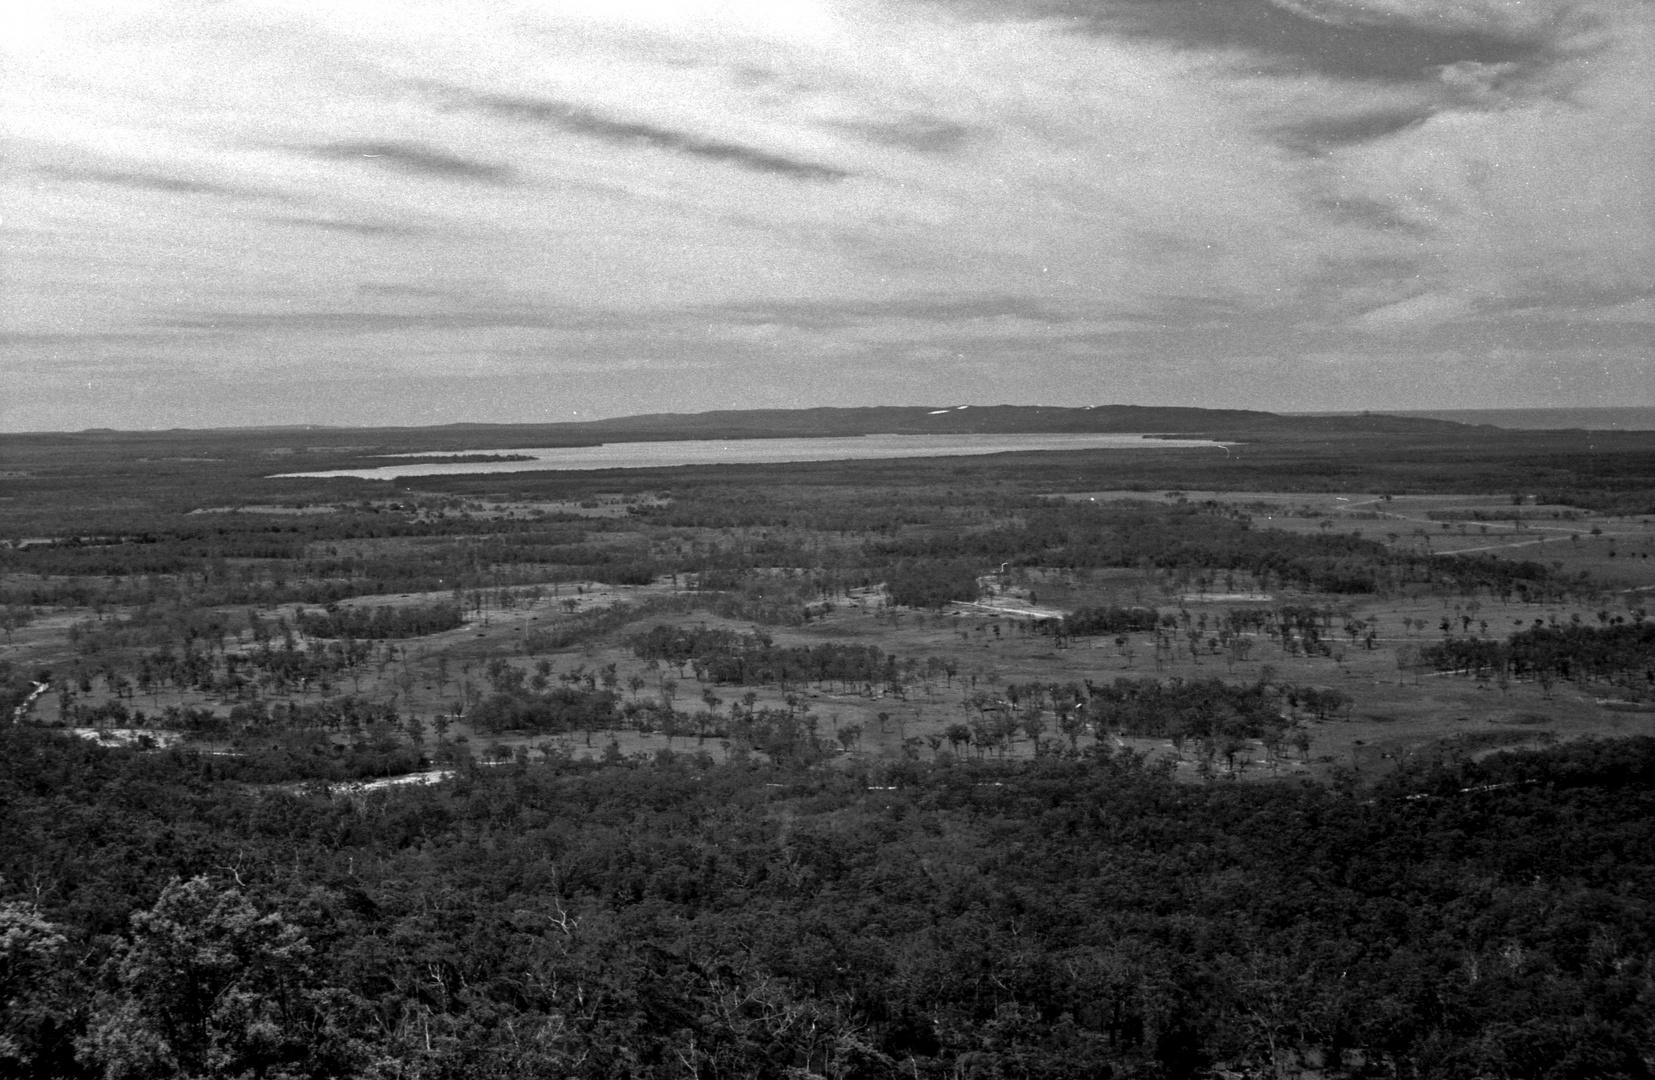 Ausblick vom Mount Tinbeerwah Lookout